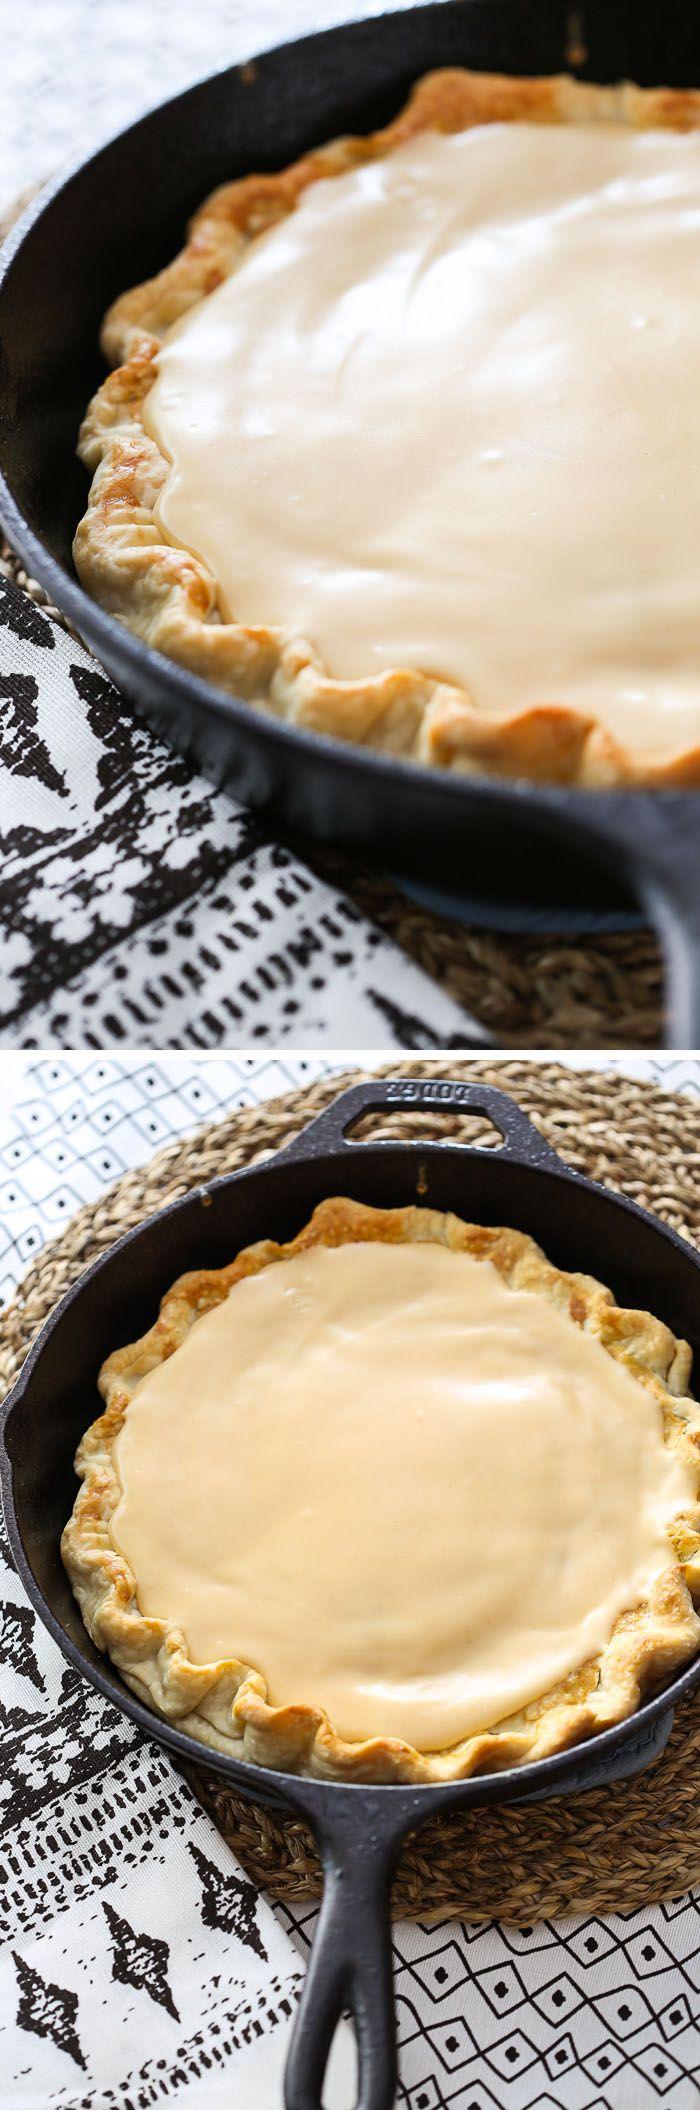 Brown Sugar Cinnamon Pop-Tart Pie!